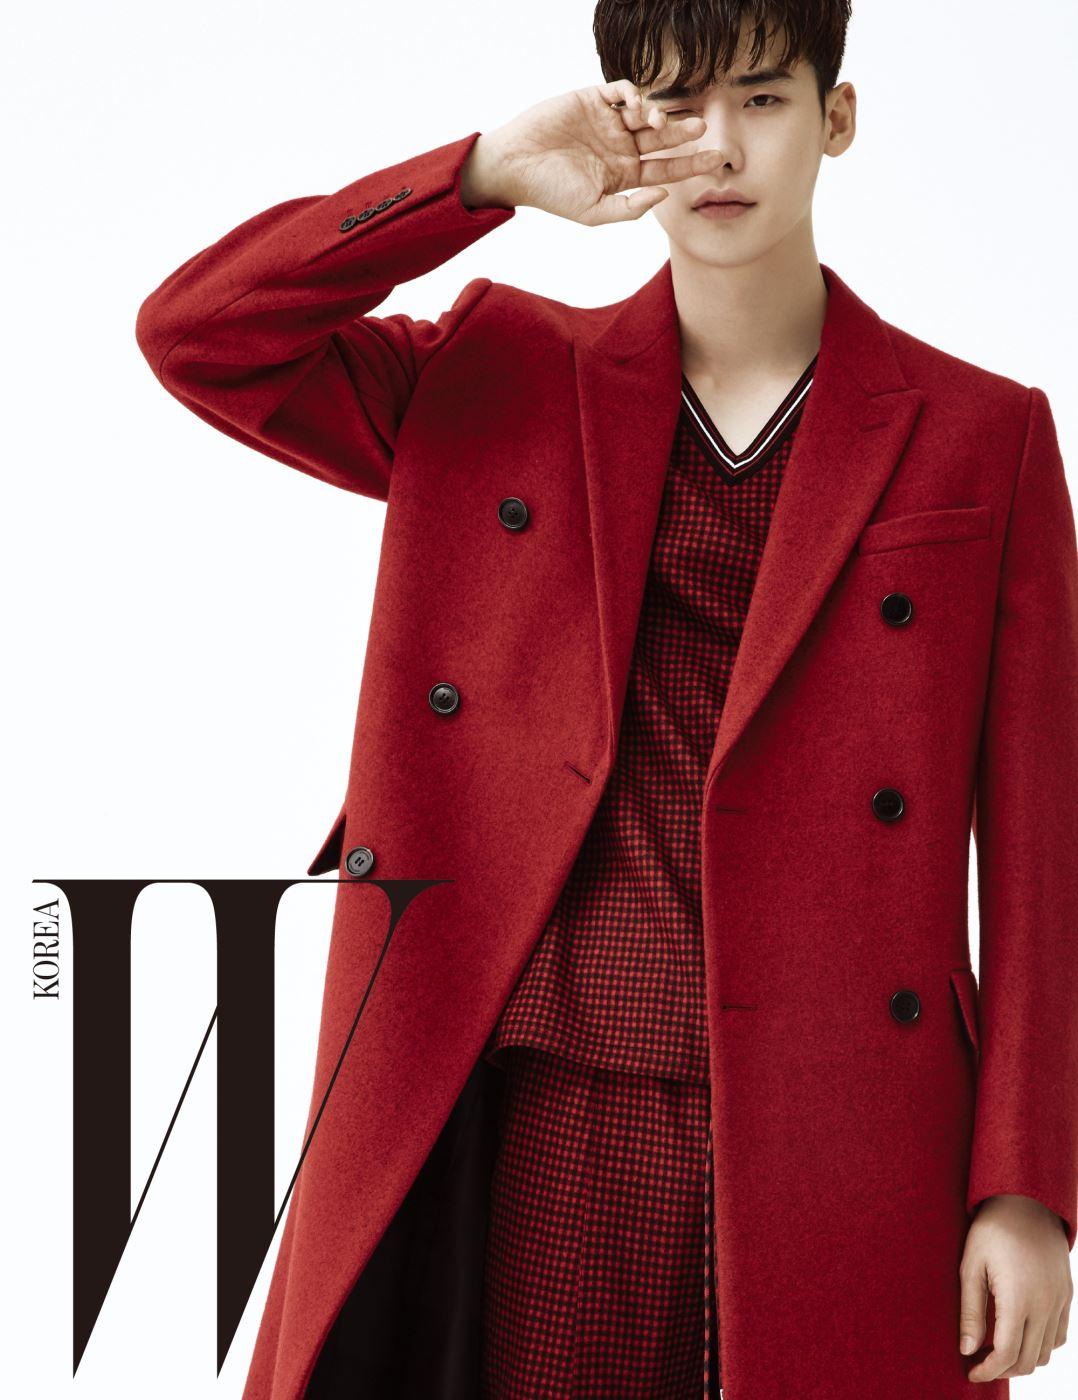 붉은색 테일러드 코트, 플래드 패턴의 캐주얼한 브이 네크라인 톱과 스트링 장식 팬츠는 모두 Dior 제품.